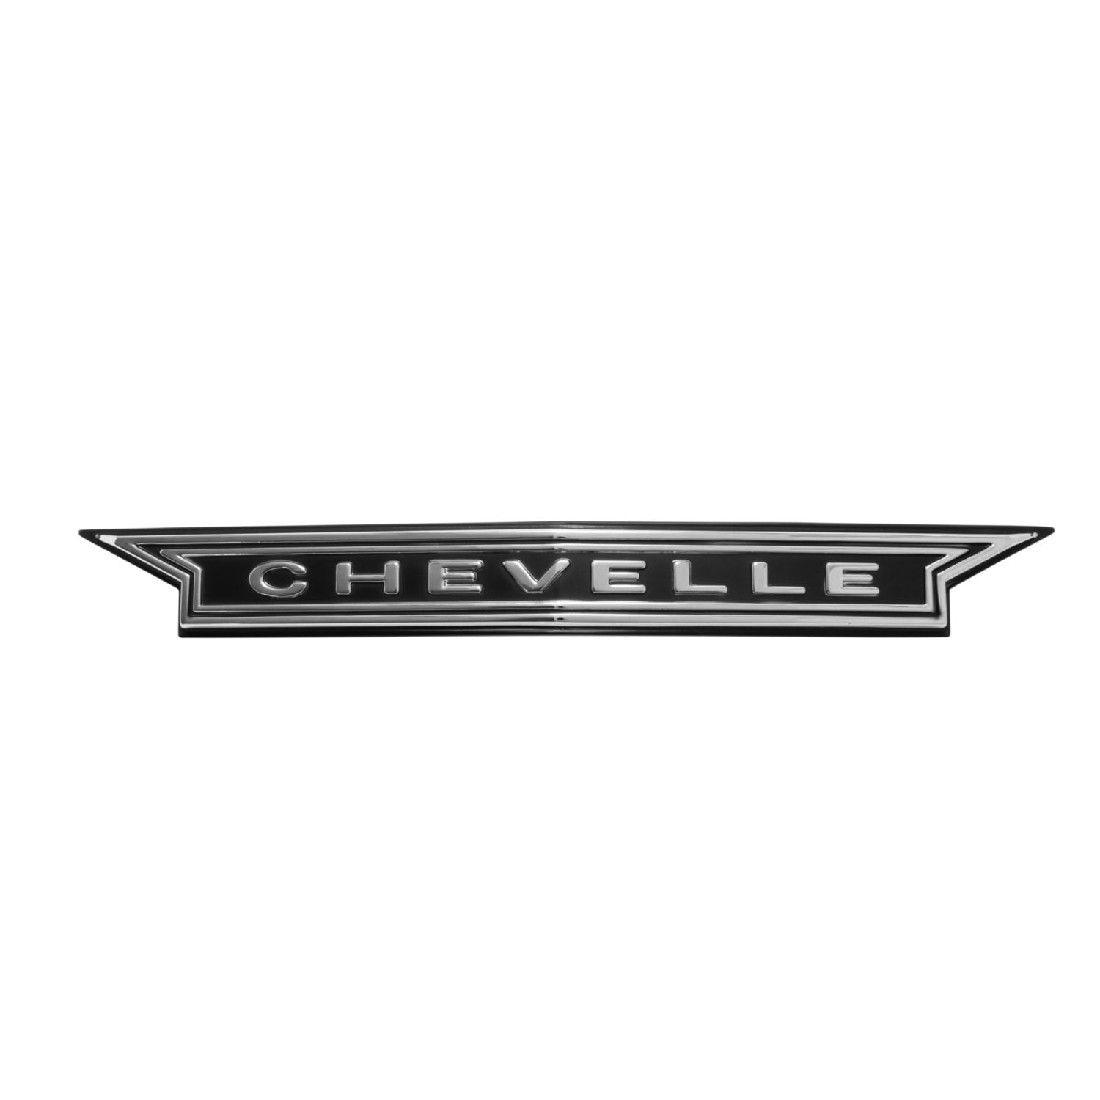 1966 Chevelle Grille Emblem